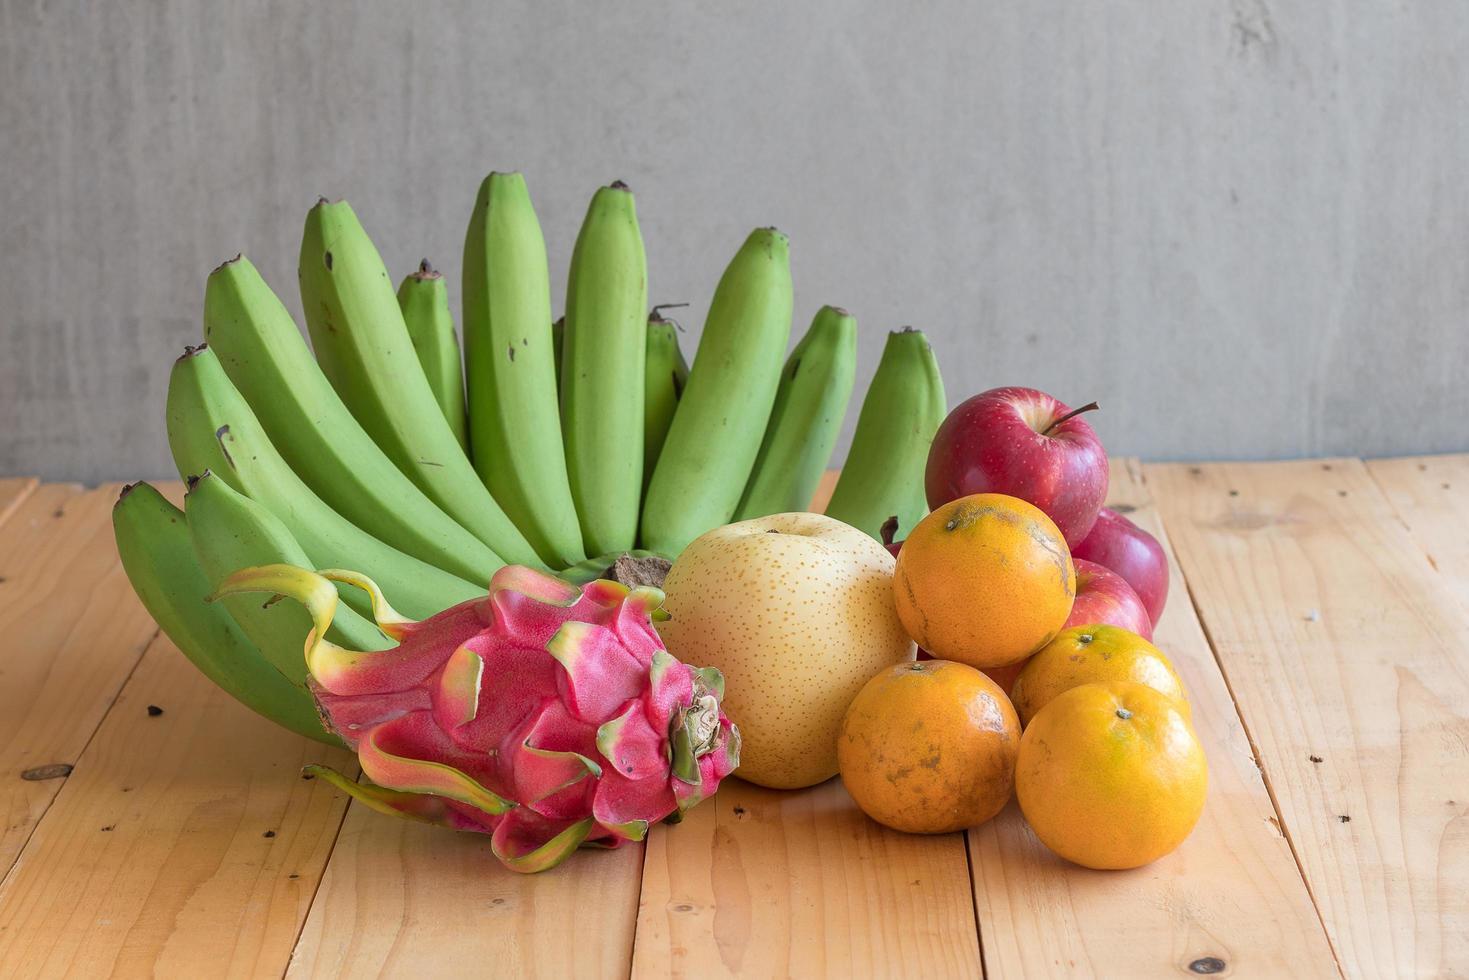 frukt diet koncept. olika frukter på träbord foto